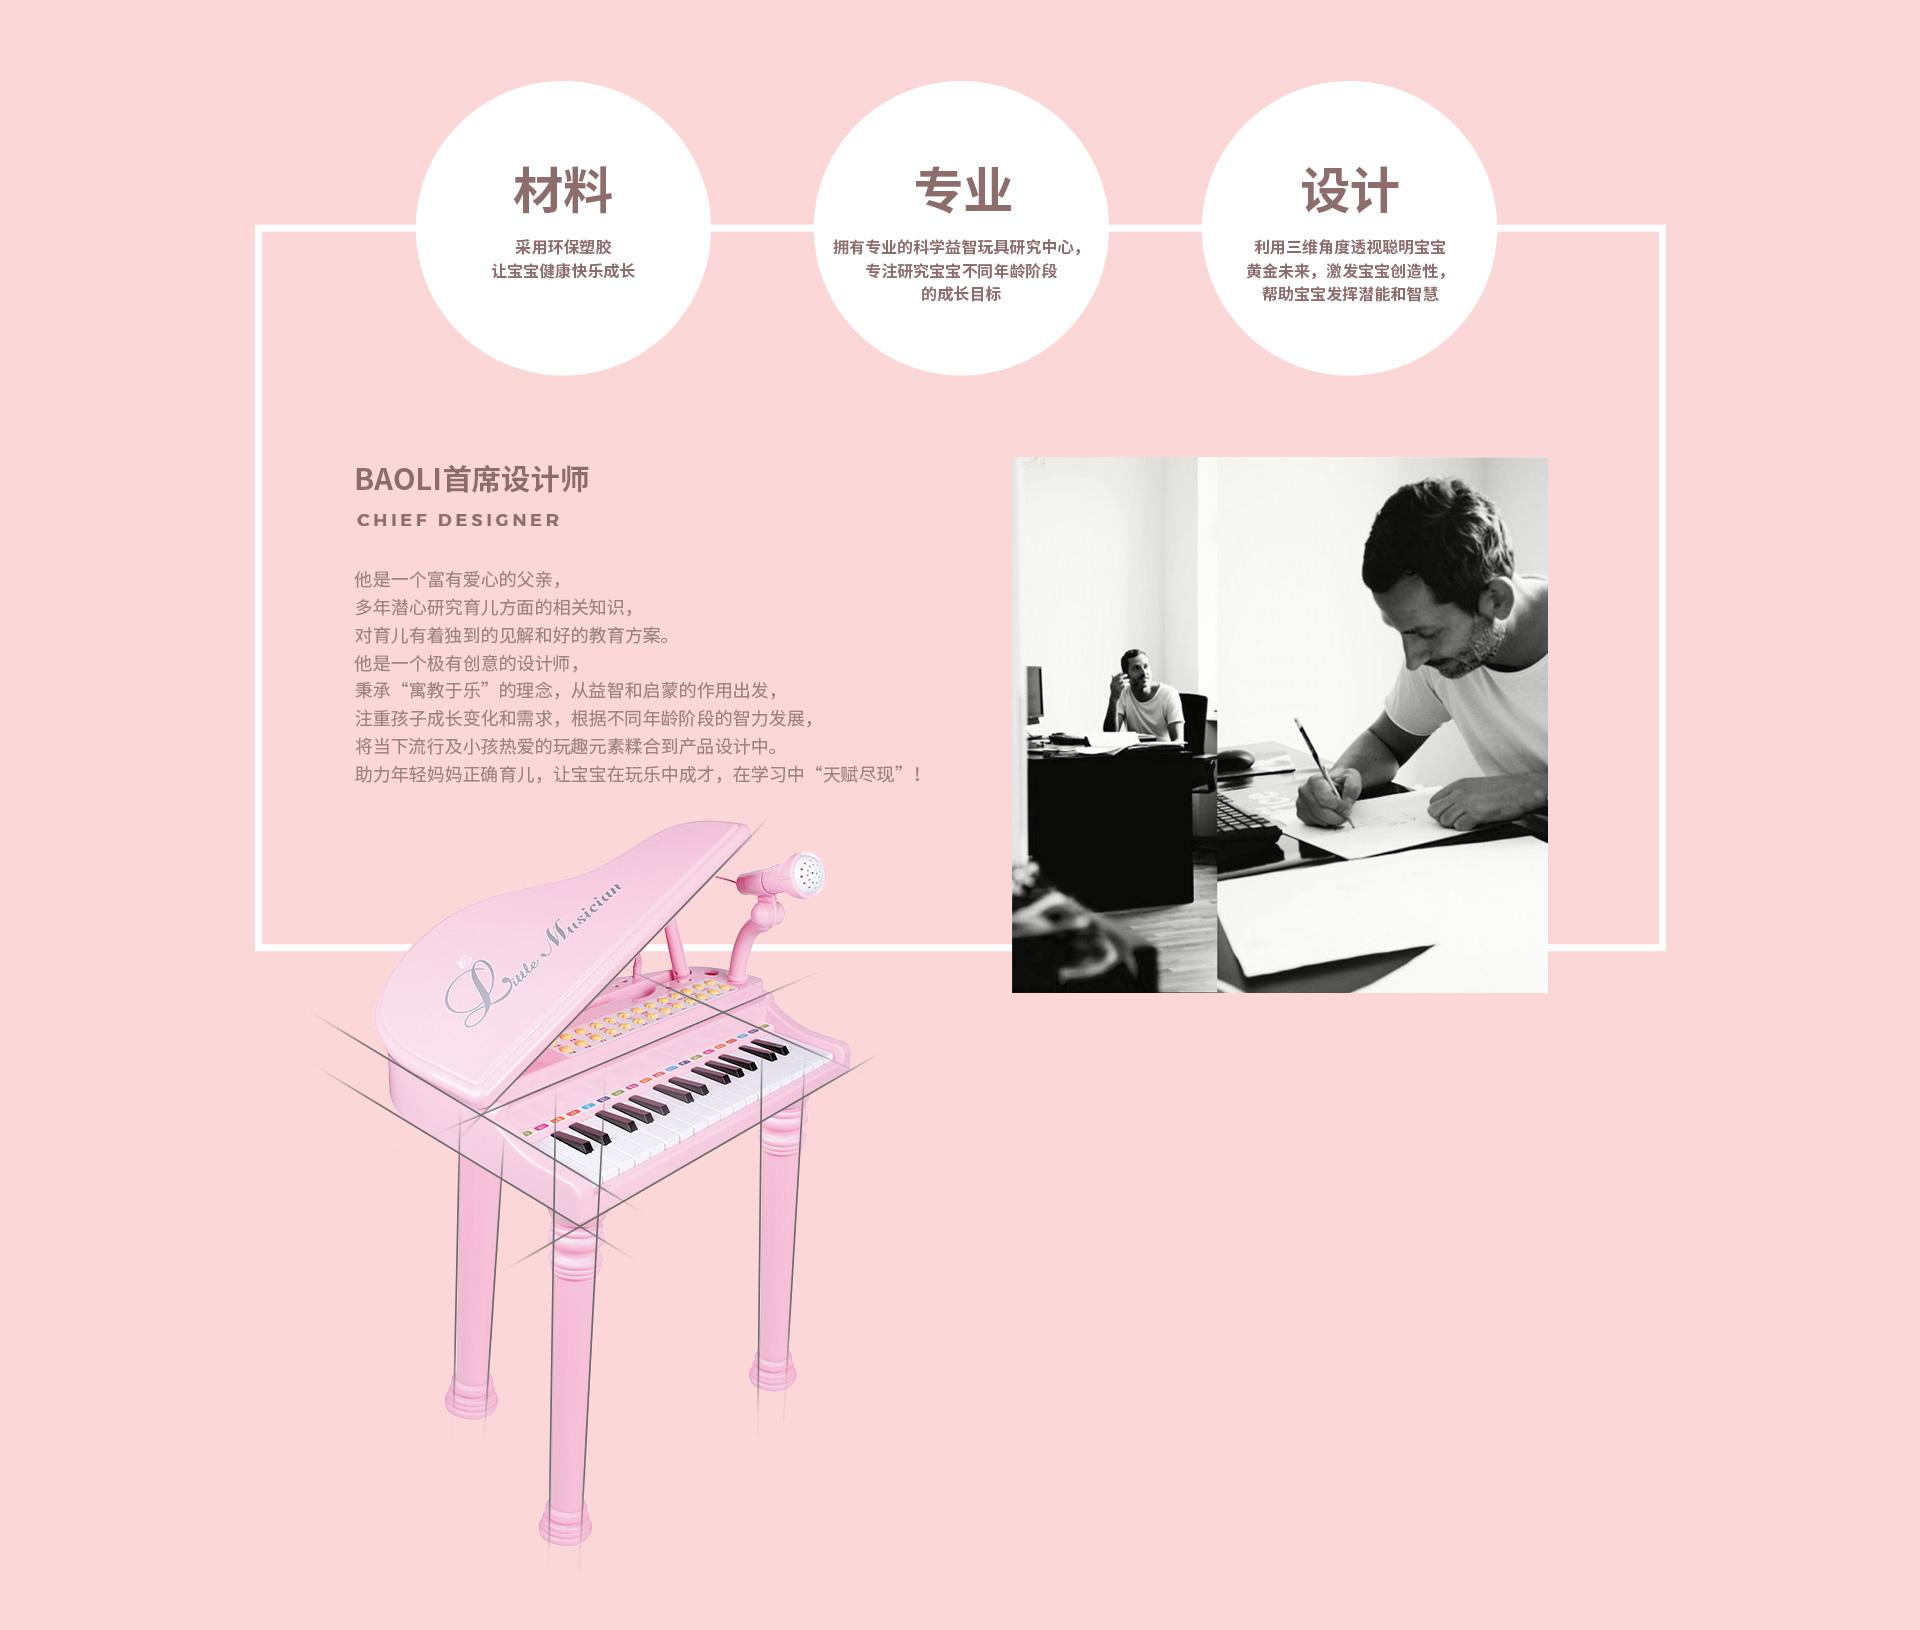 中文钢琴.jpg